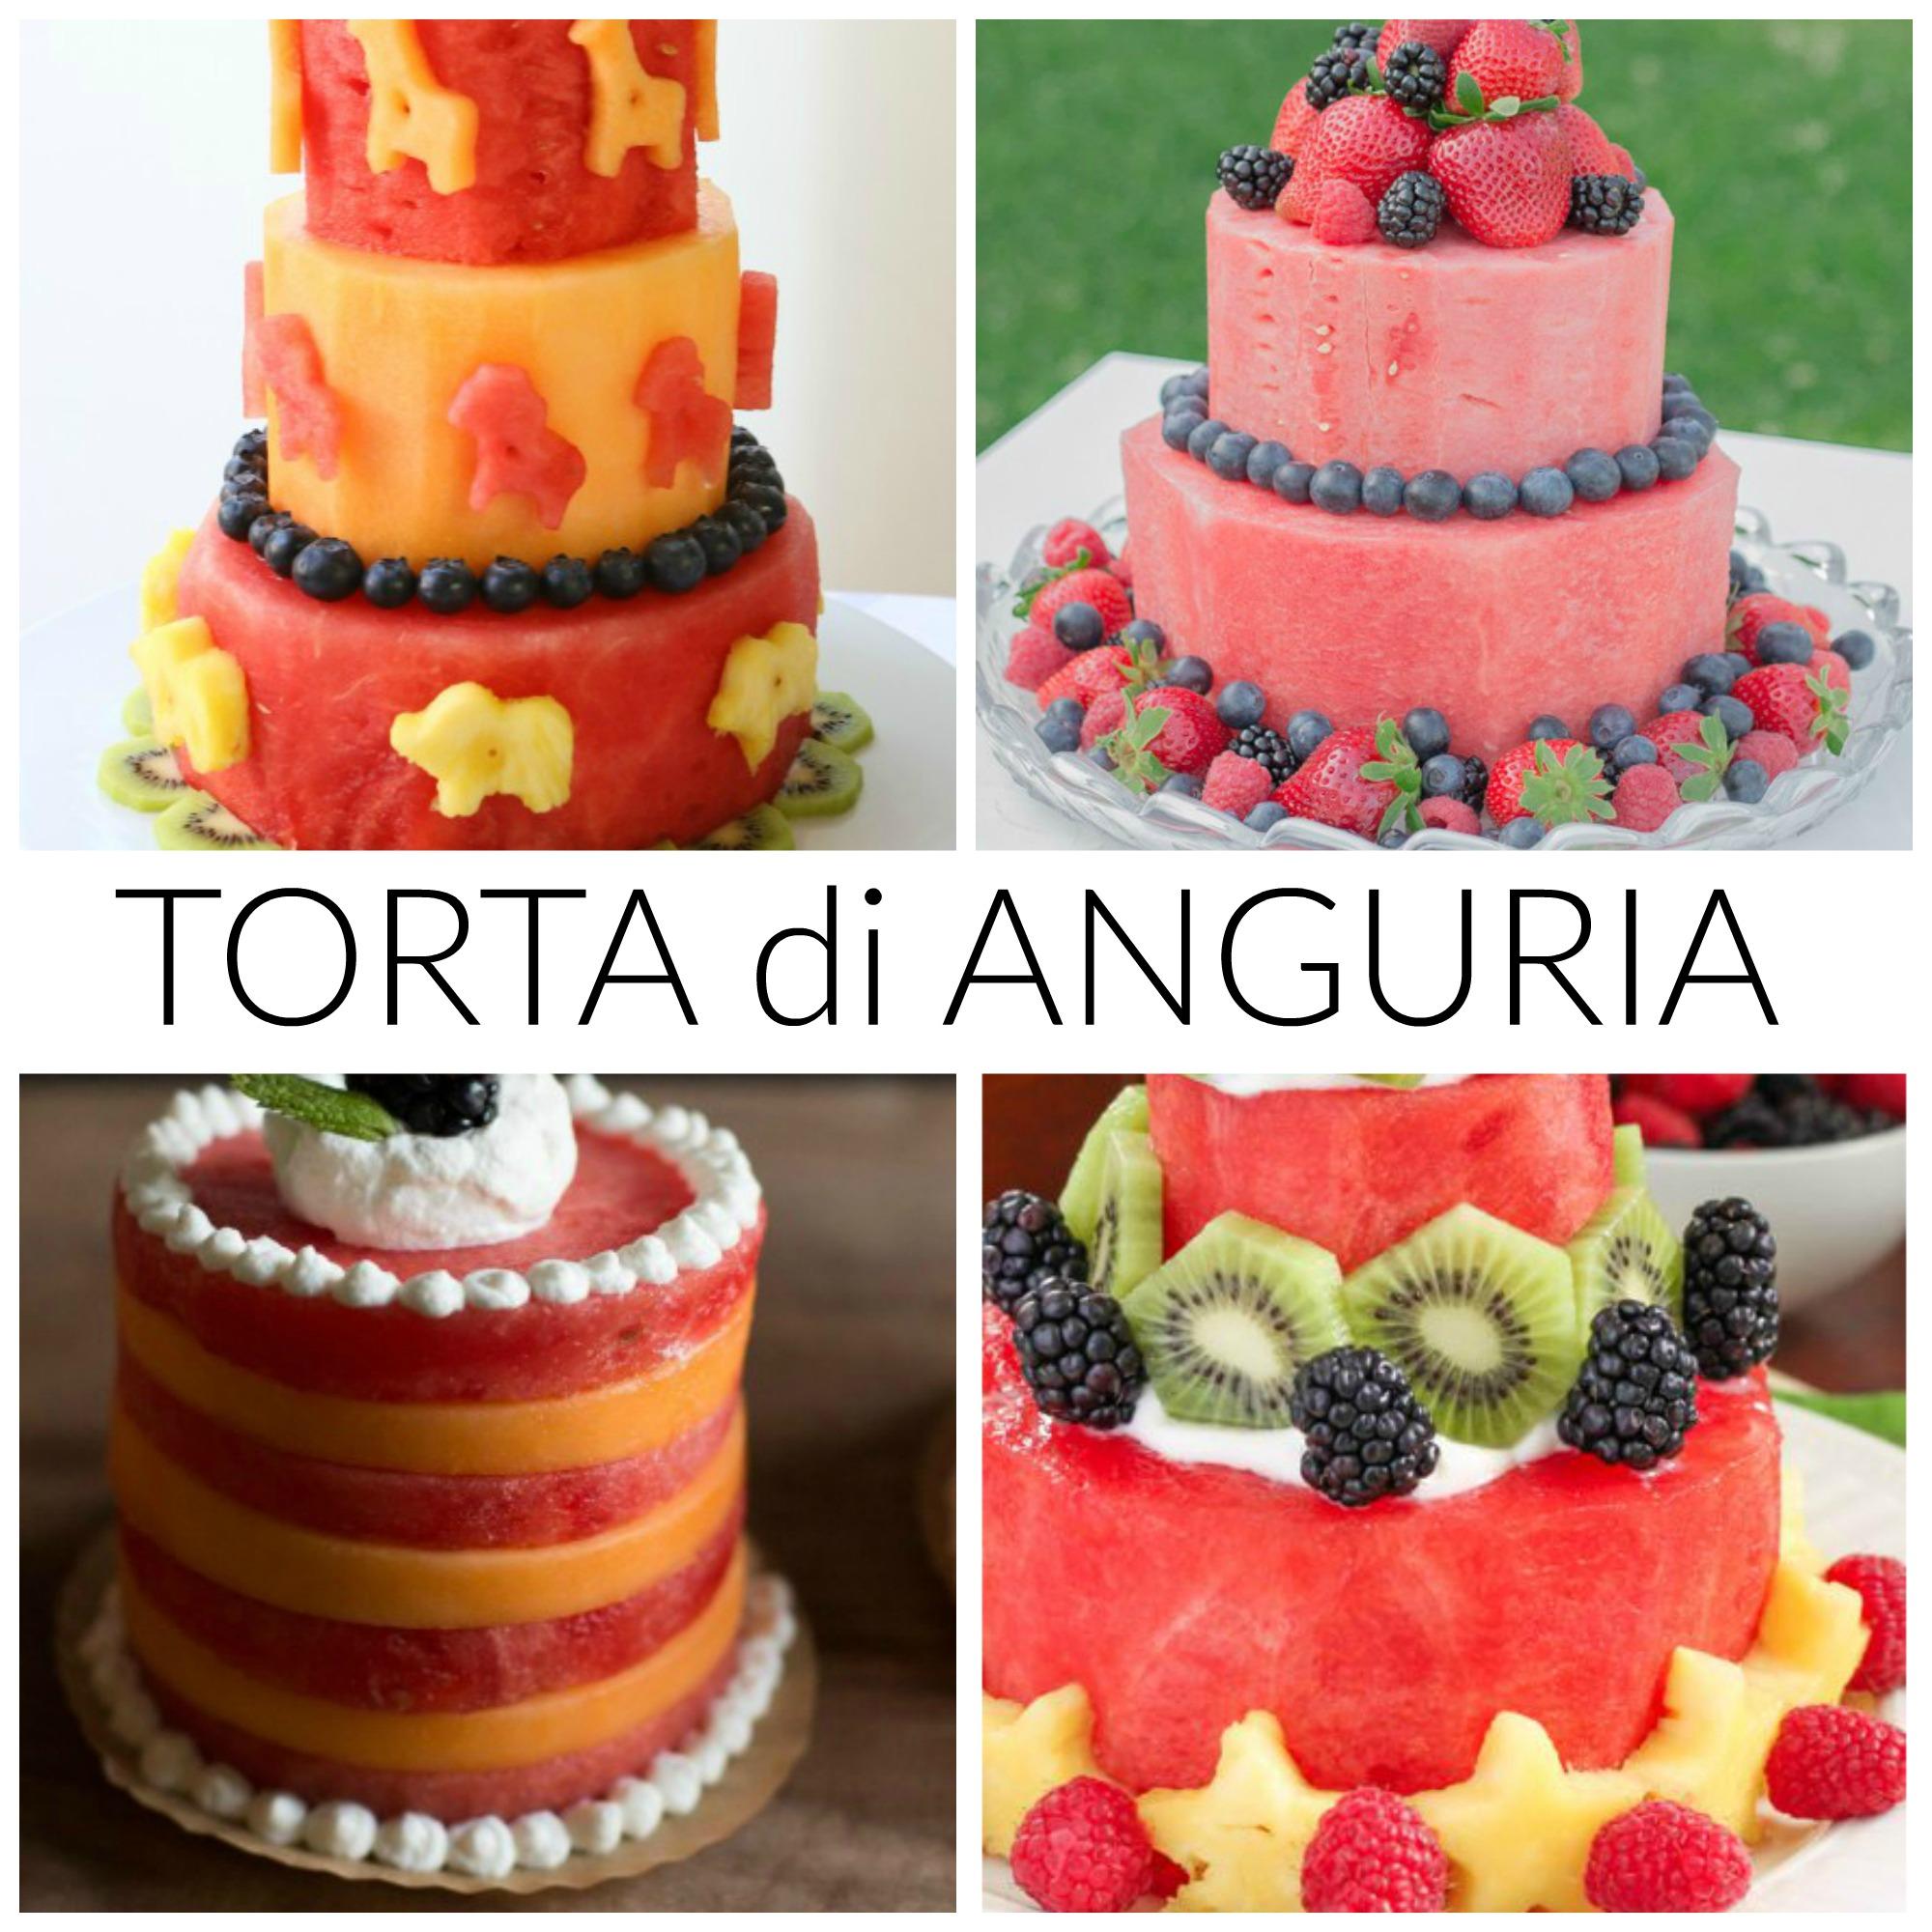 Torta-di-anguria-SQ